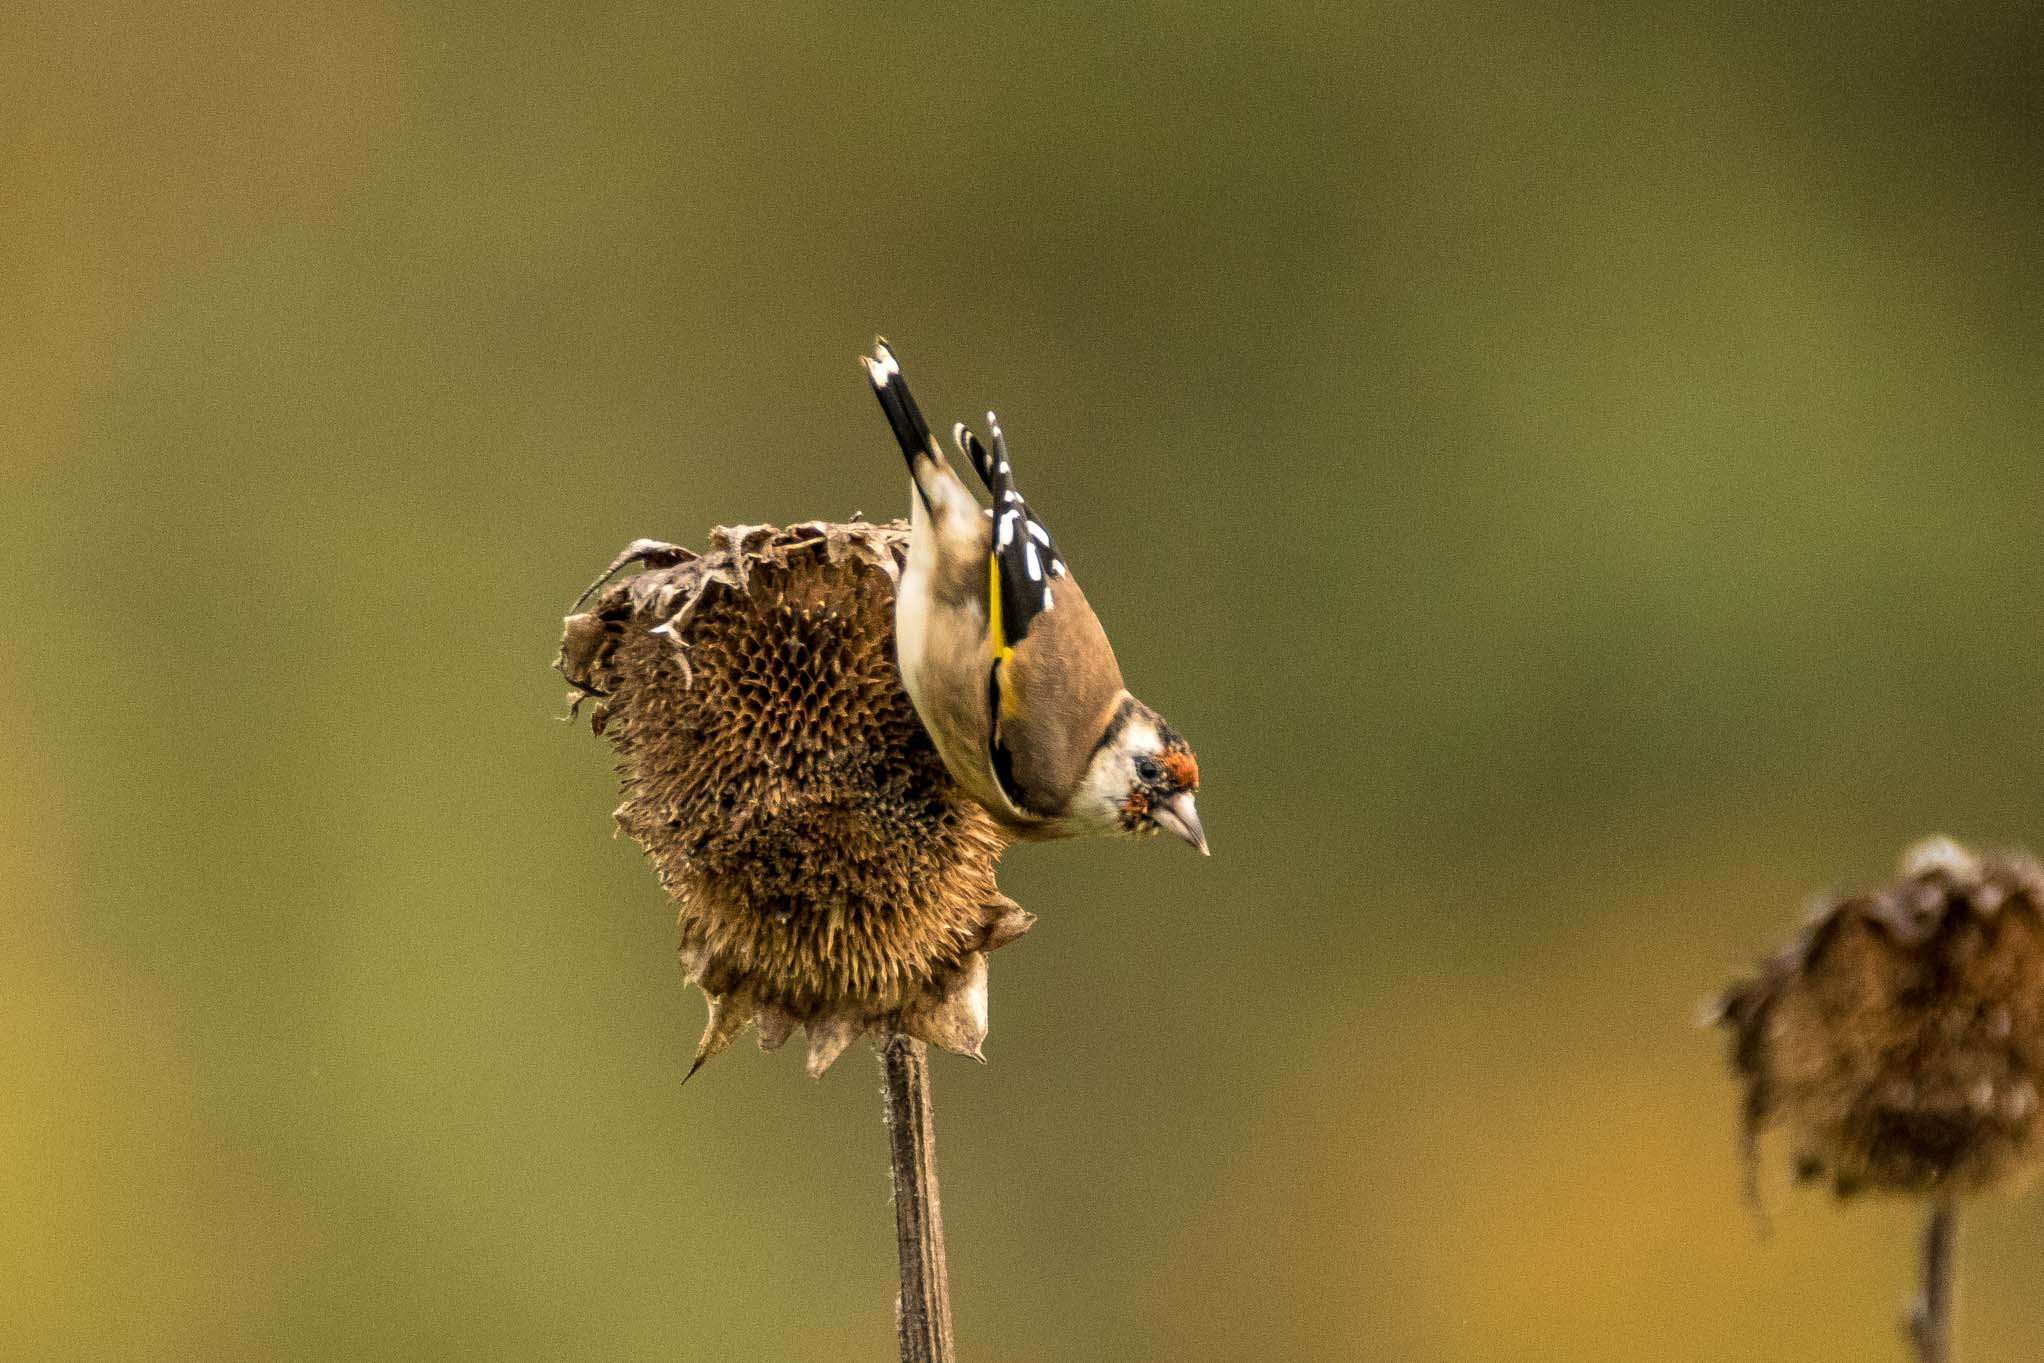 vogel mit gelber brust